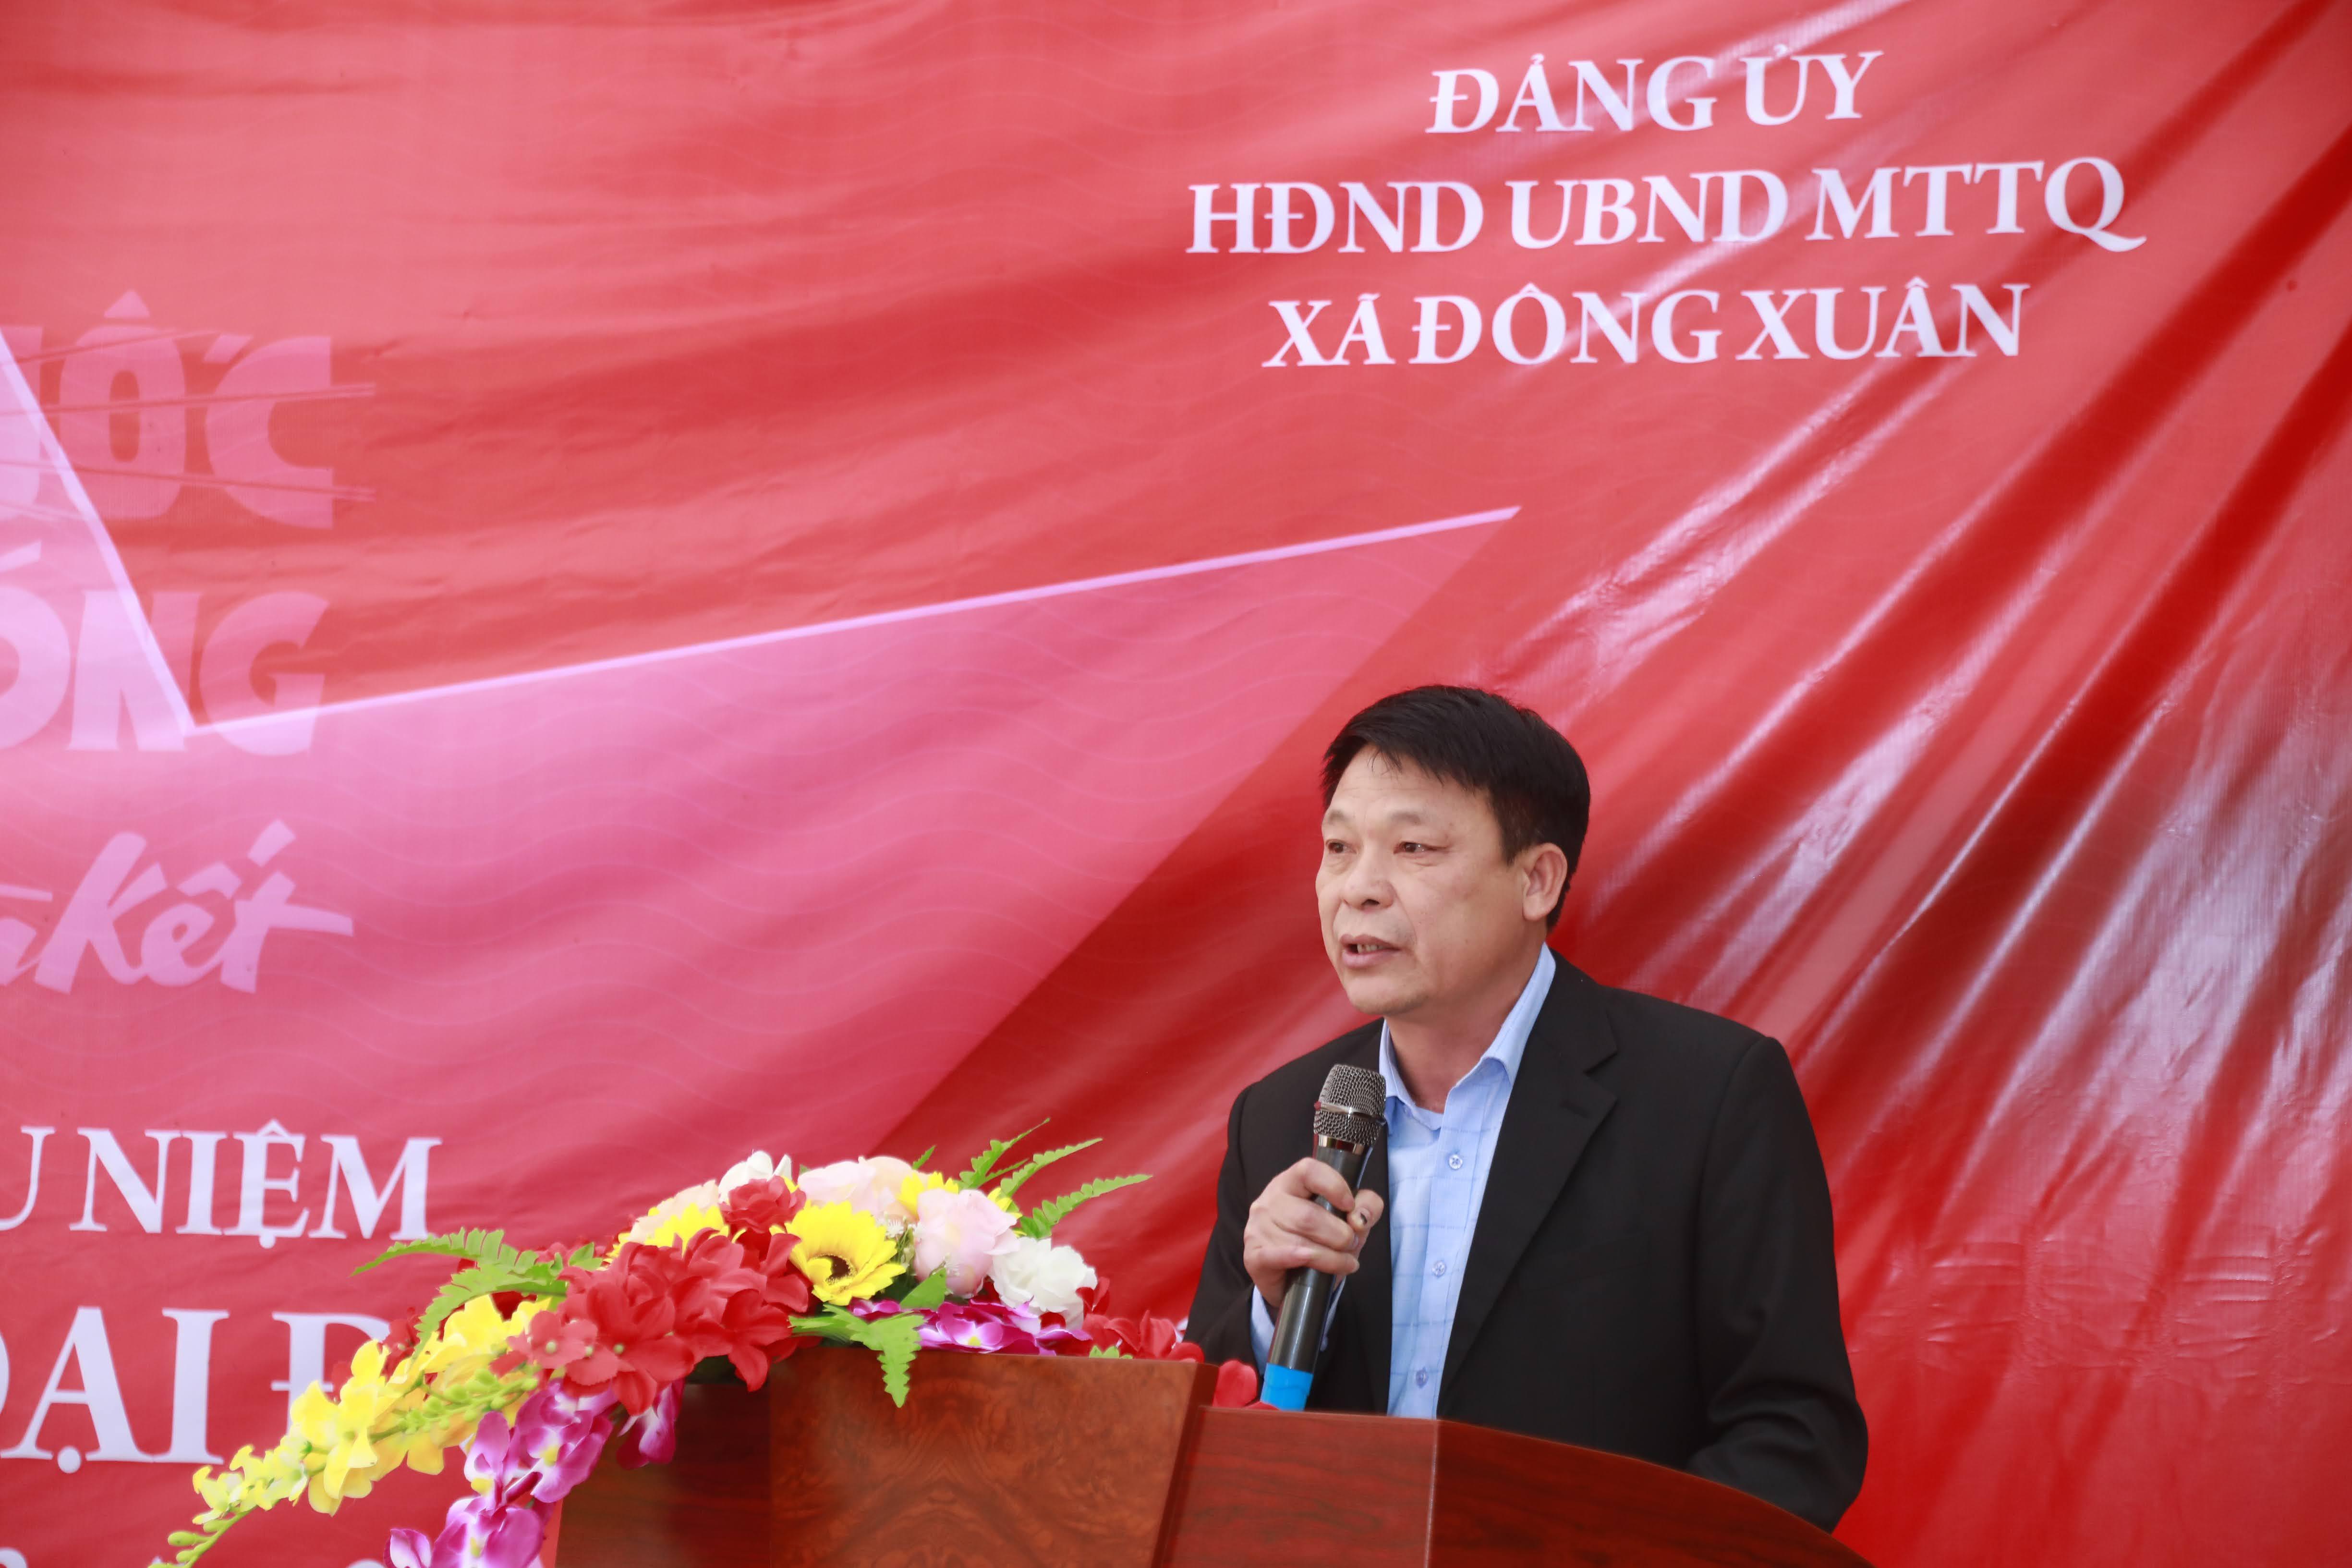 Bí thư Đảng uỷ xã Đông Xuân Nguyễn Văn Quá phát biểu tại buổi lễ.Ảnh: Quang Vinh.